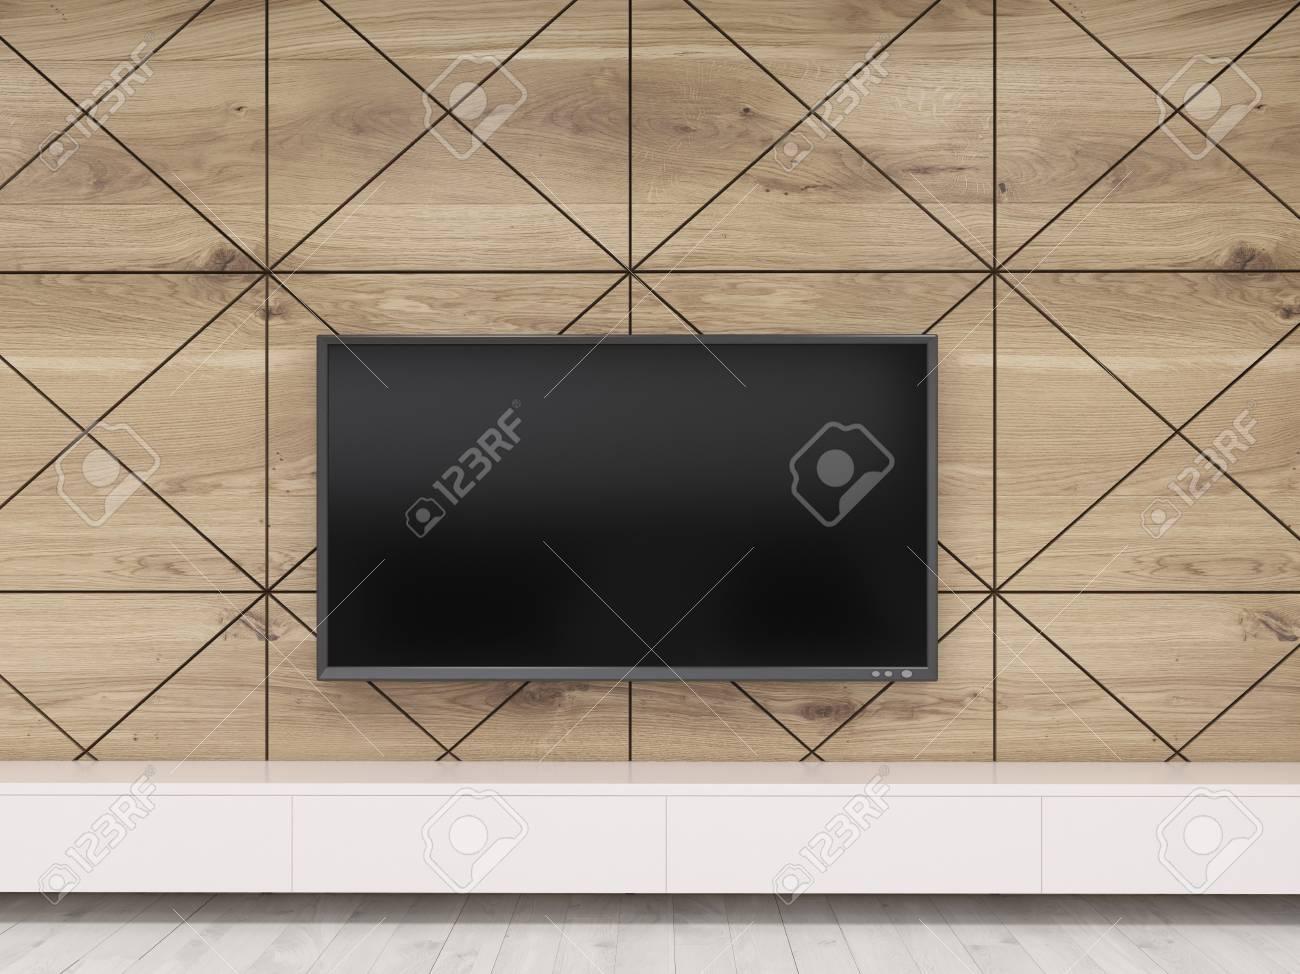 Gros plan du téléviseur sur le mur en bois suspendue au dessus